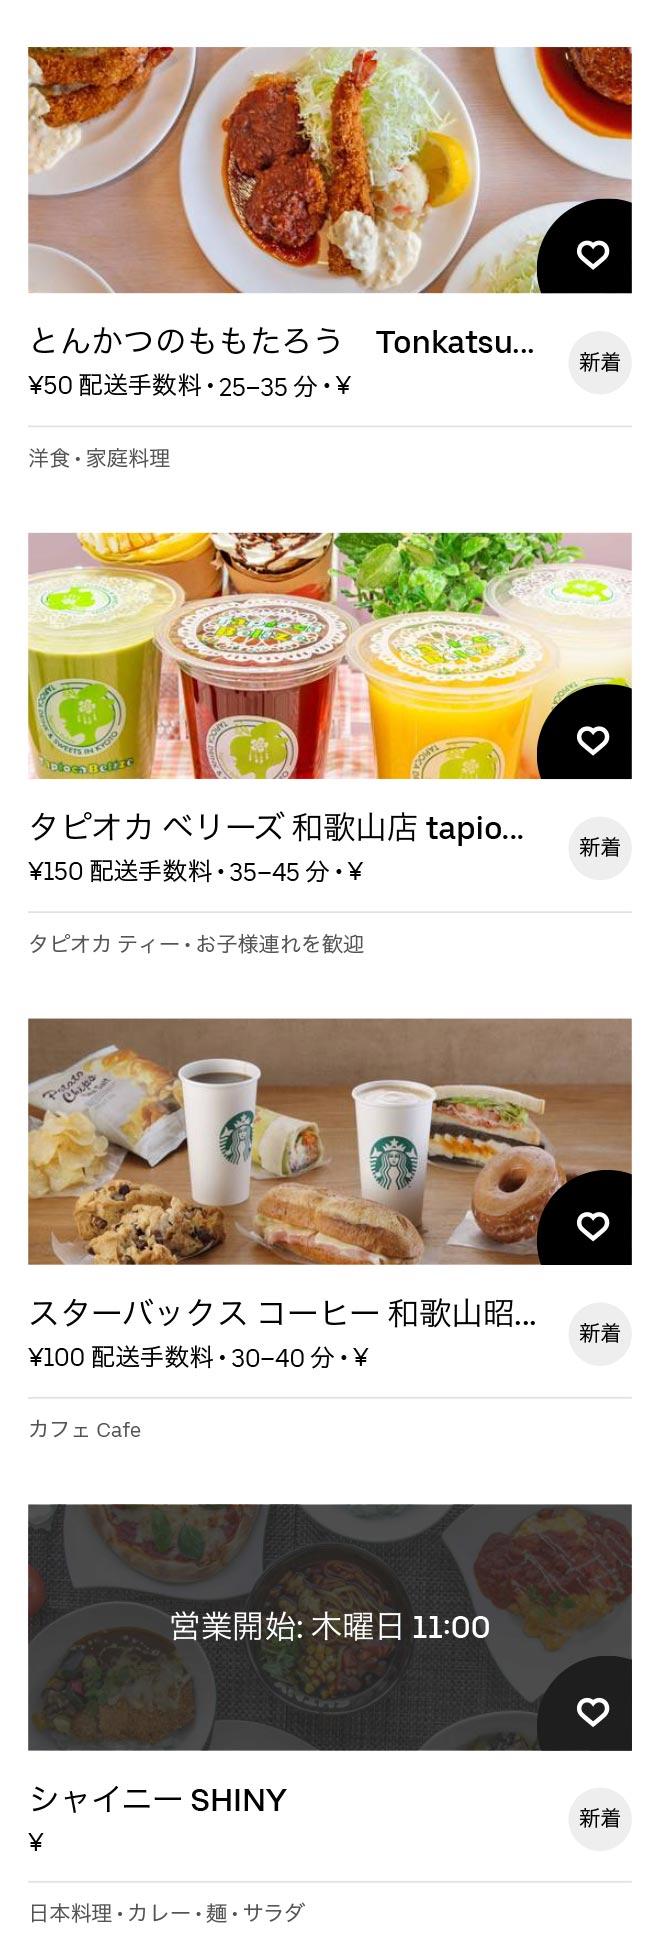 W miyamae menu 2011 6